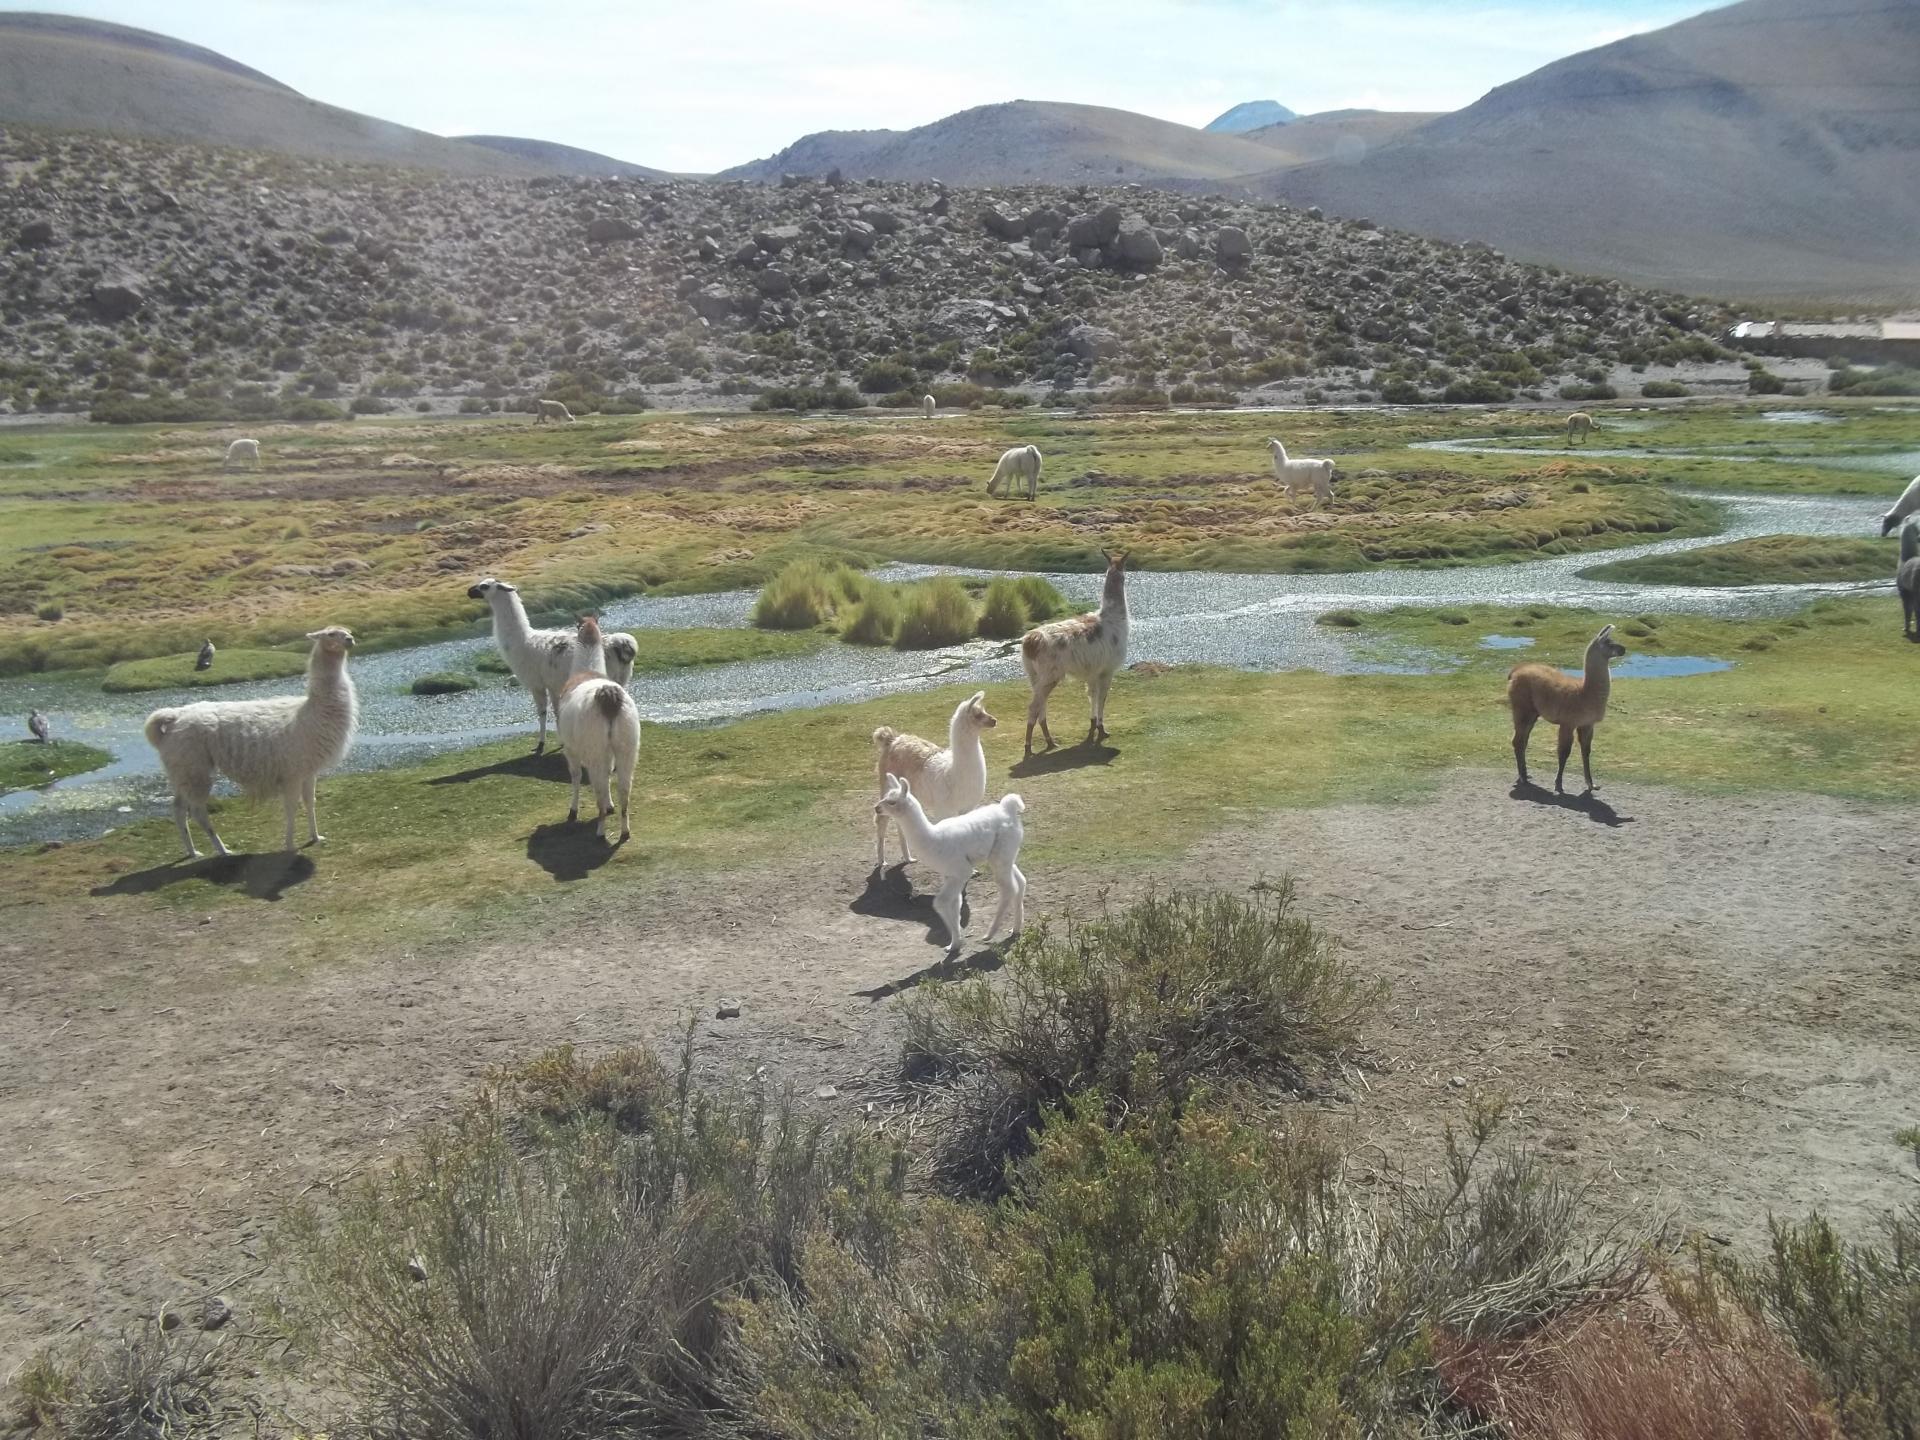 Tiere in San Pedro de Atacama, Chile